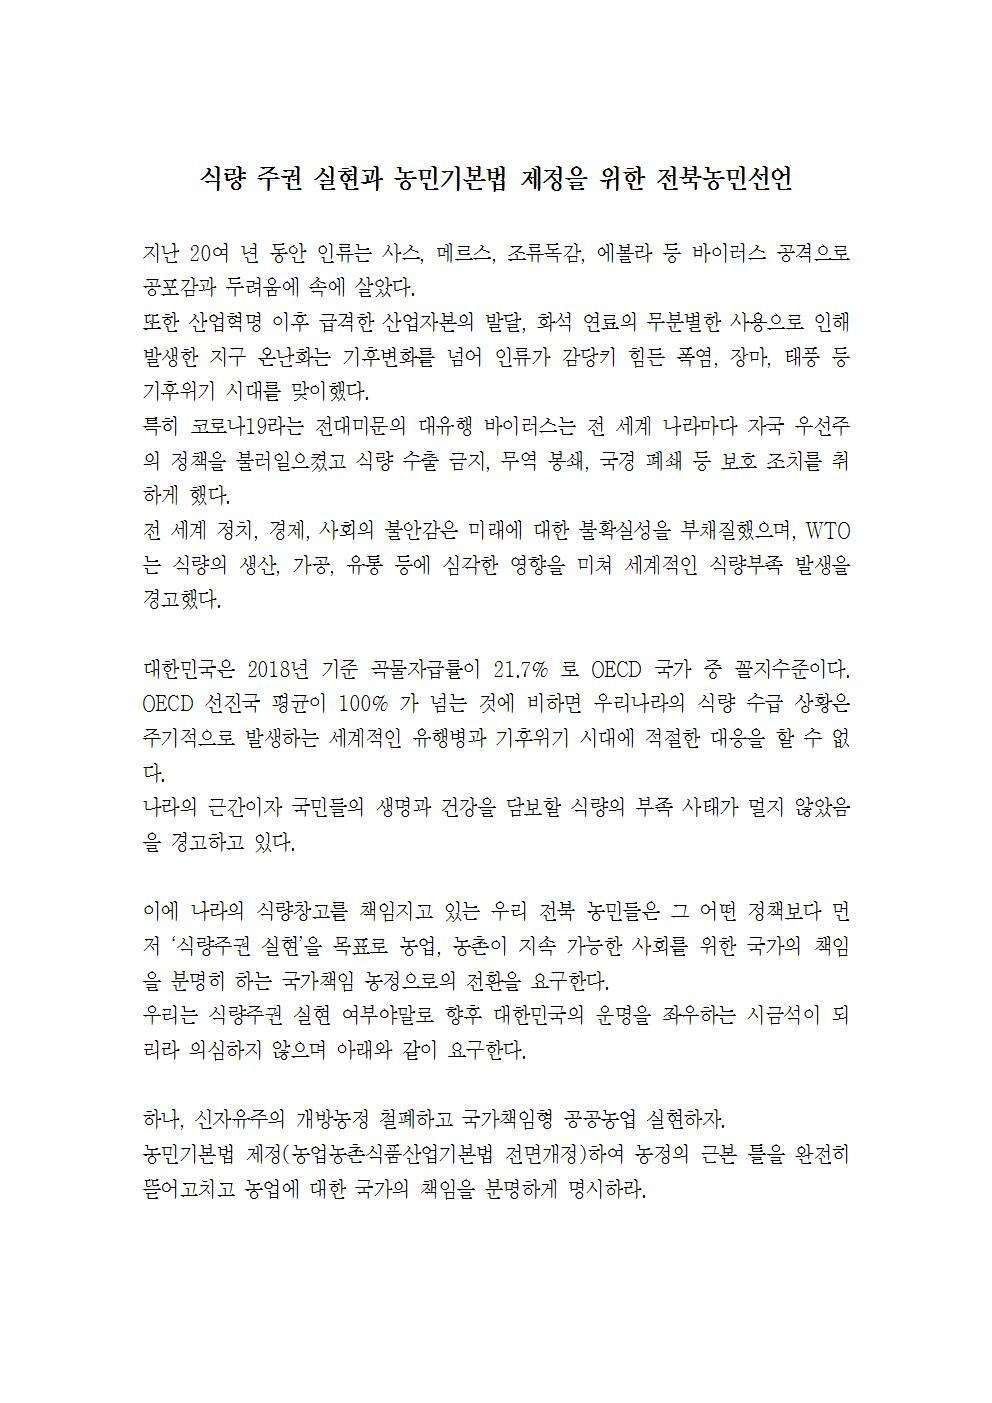 식량 주권 실현과 농민기본법 제정을 위한 전북농민선언001.jpg